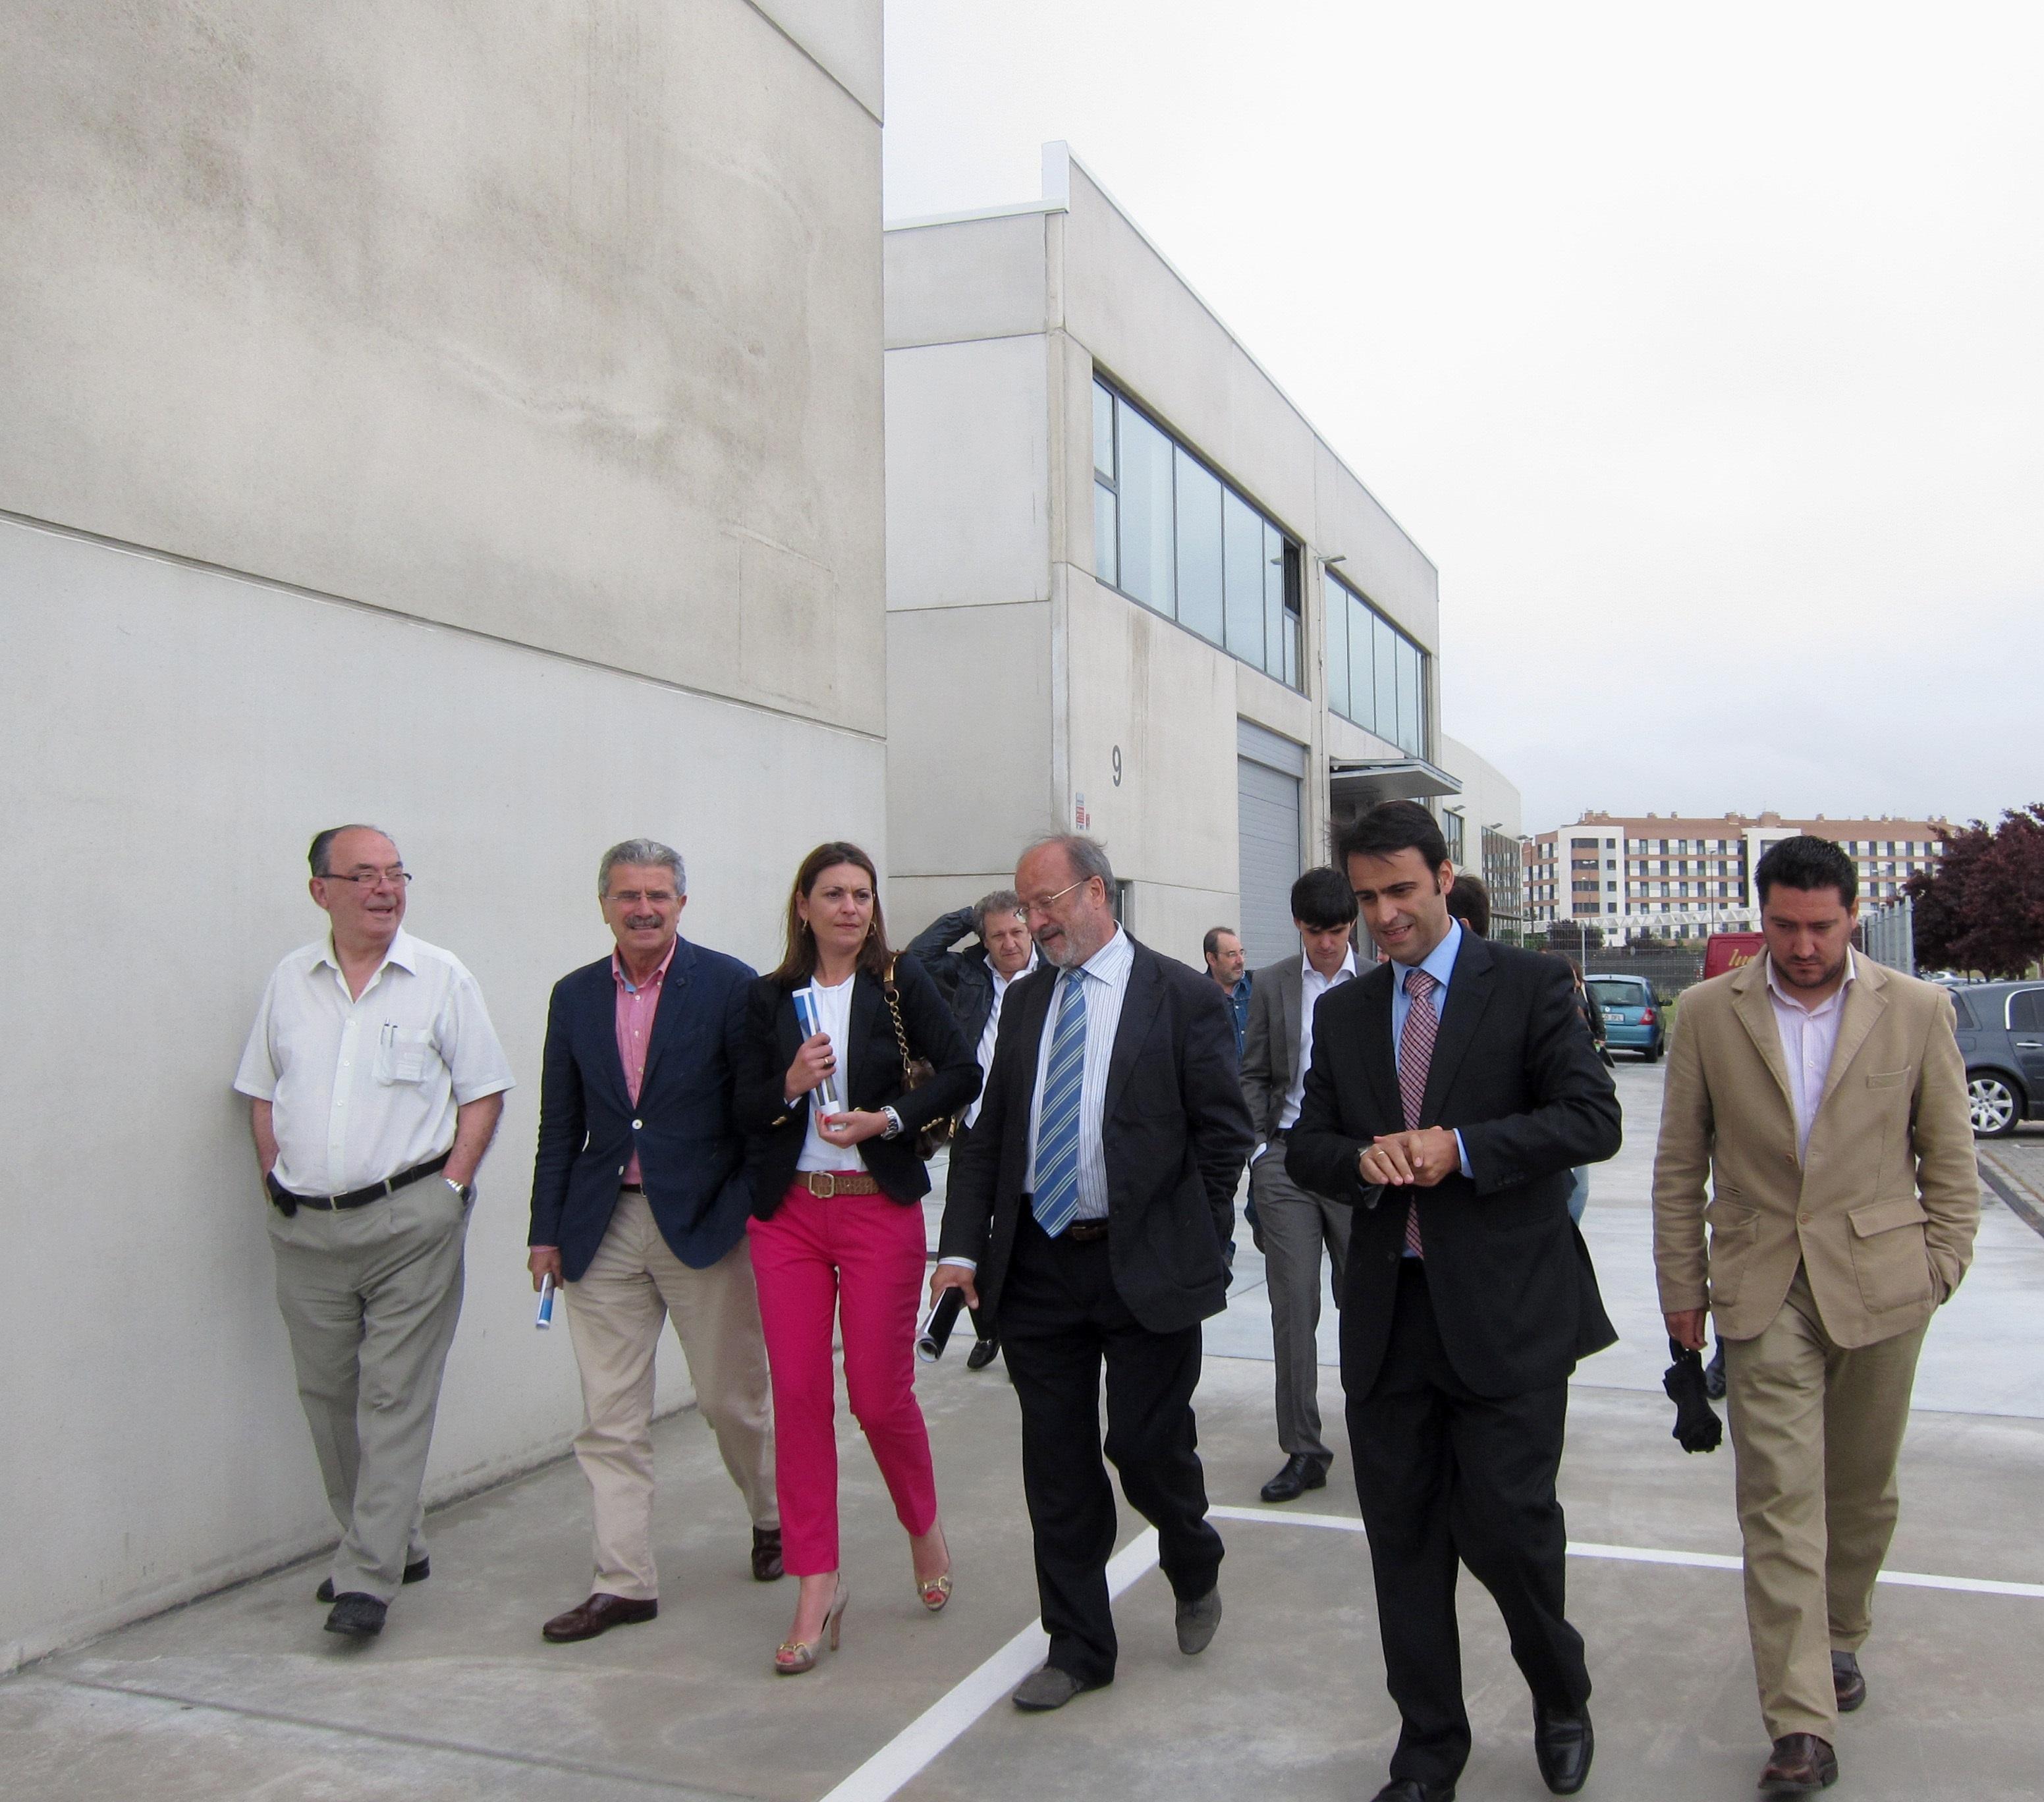 Una docena de autónomos y pymes construyen y se instalan en naves-nido en Valladolid tras una inversión de 1,7 millones